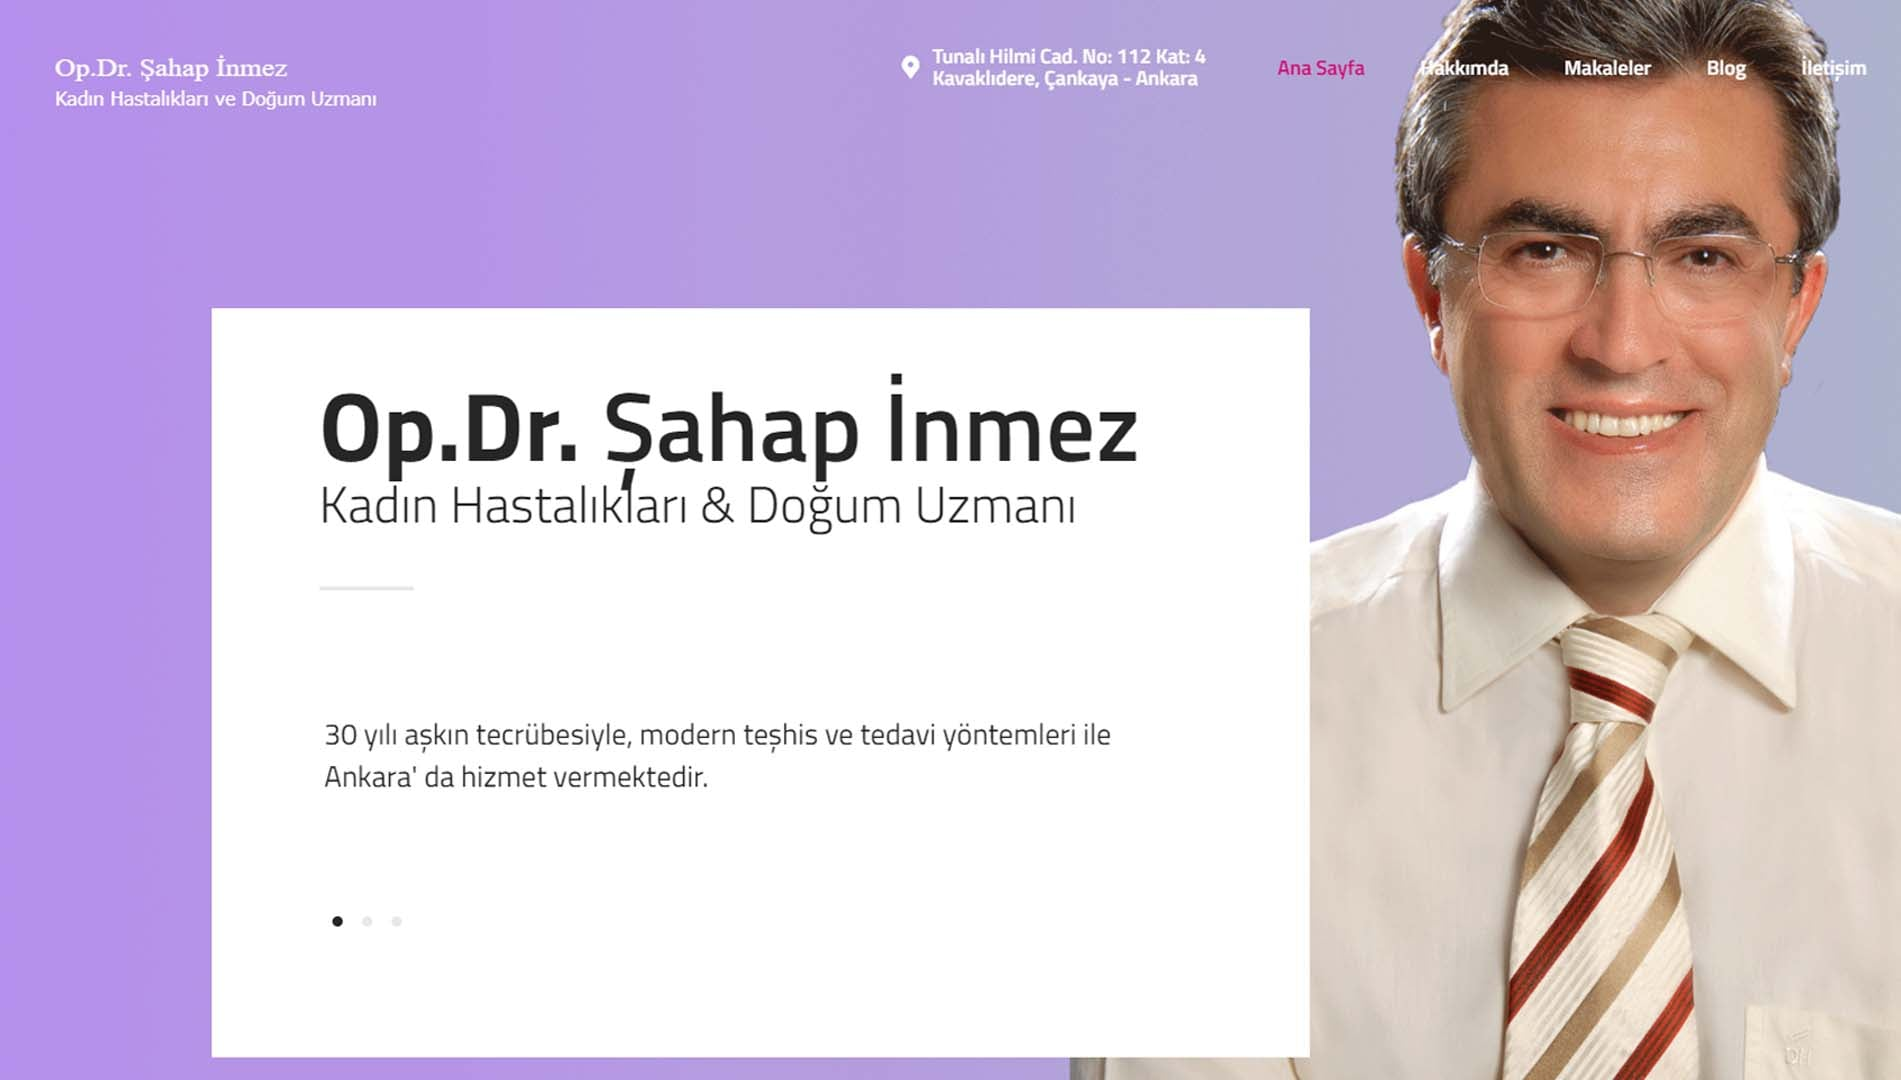 Op. Dr. Şahap İnmez